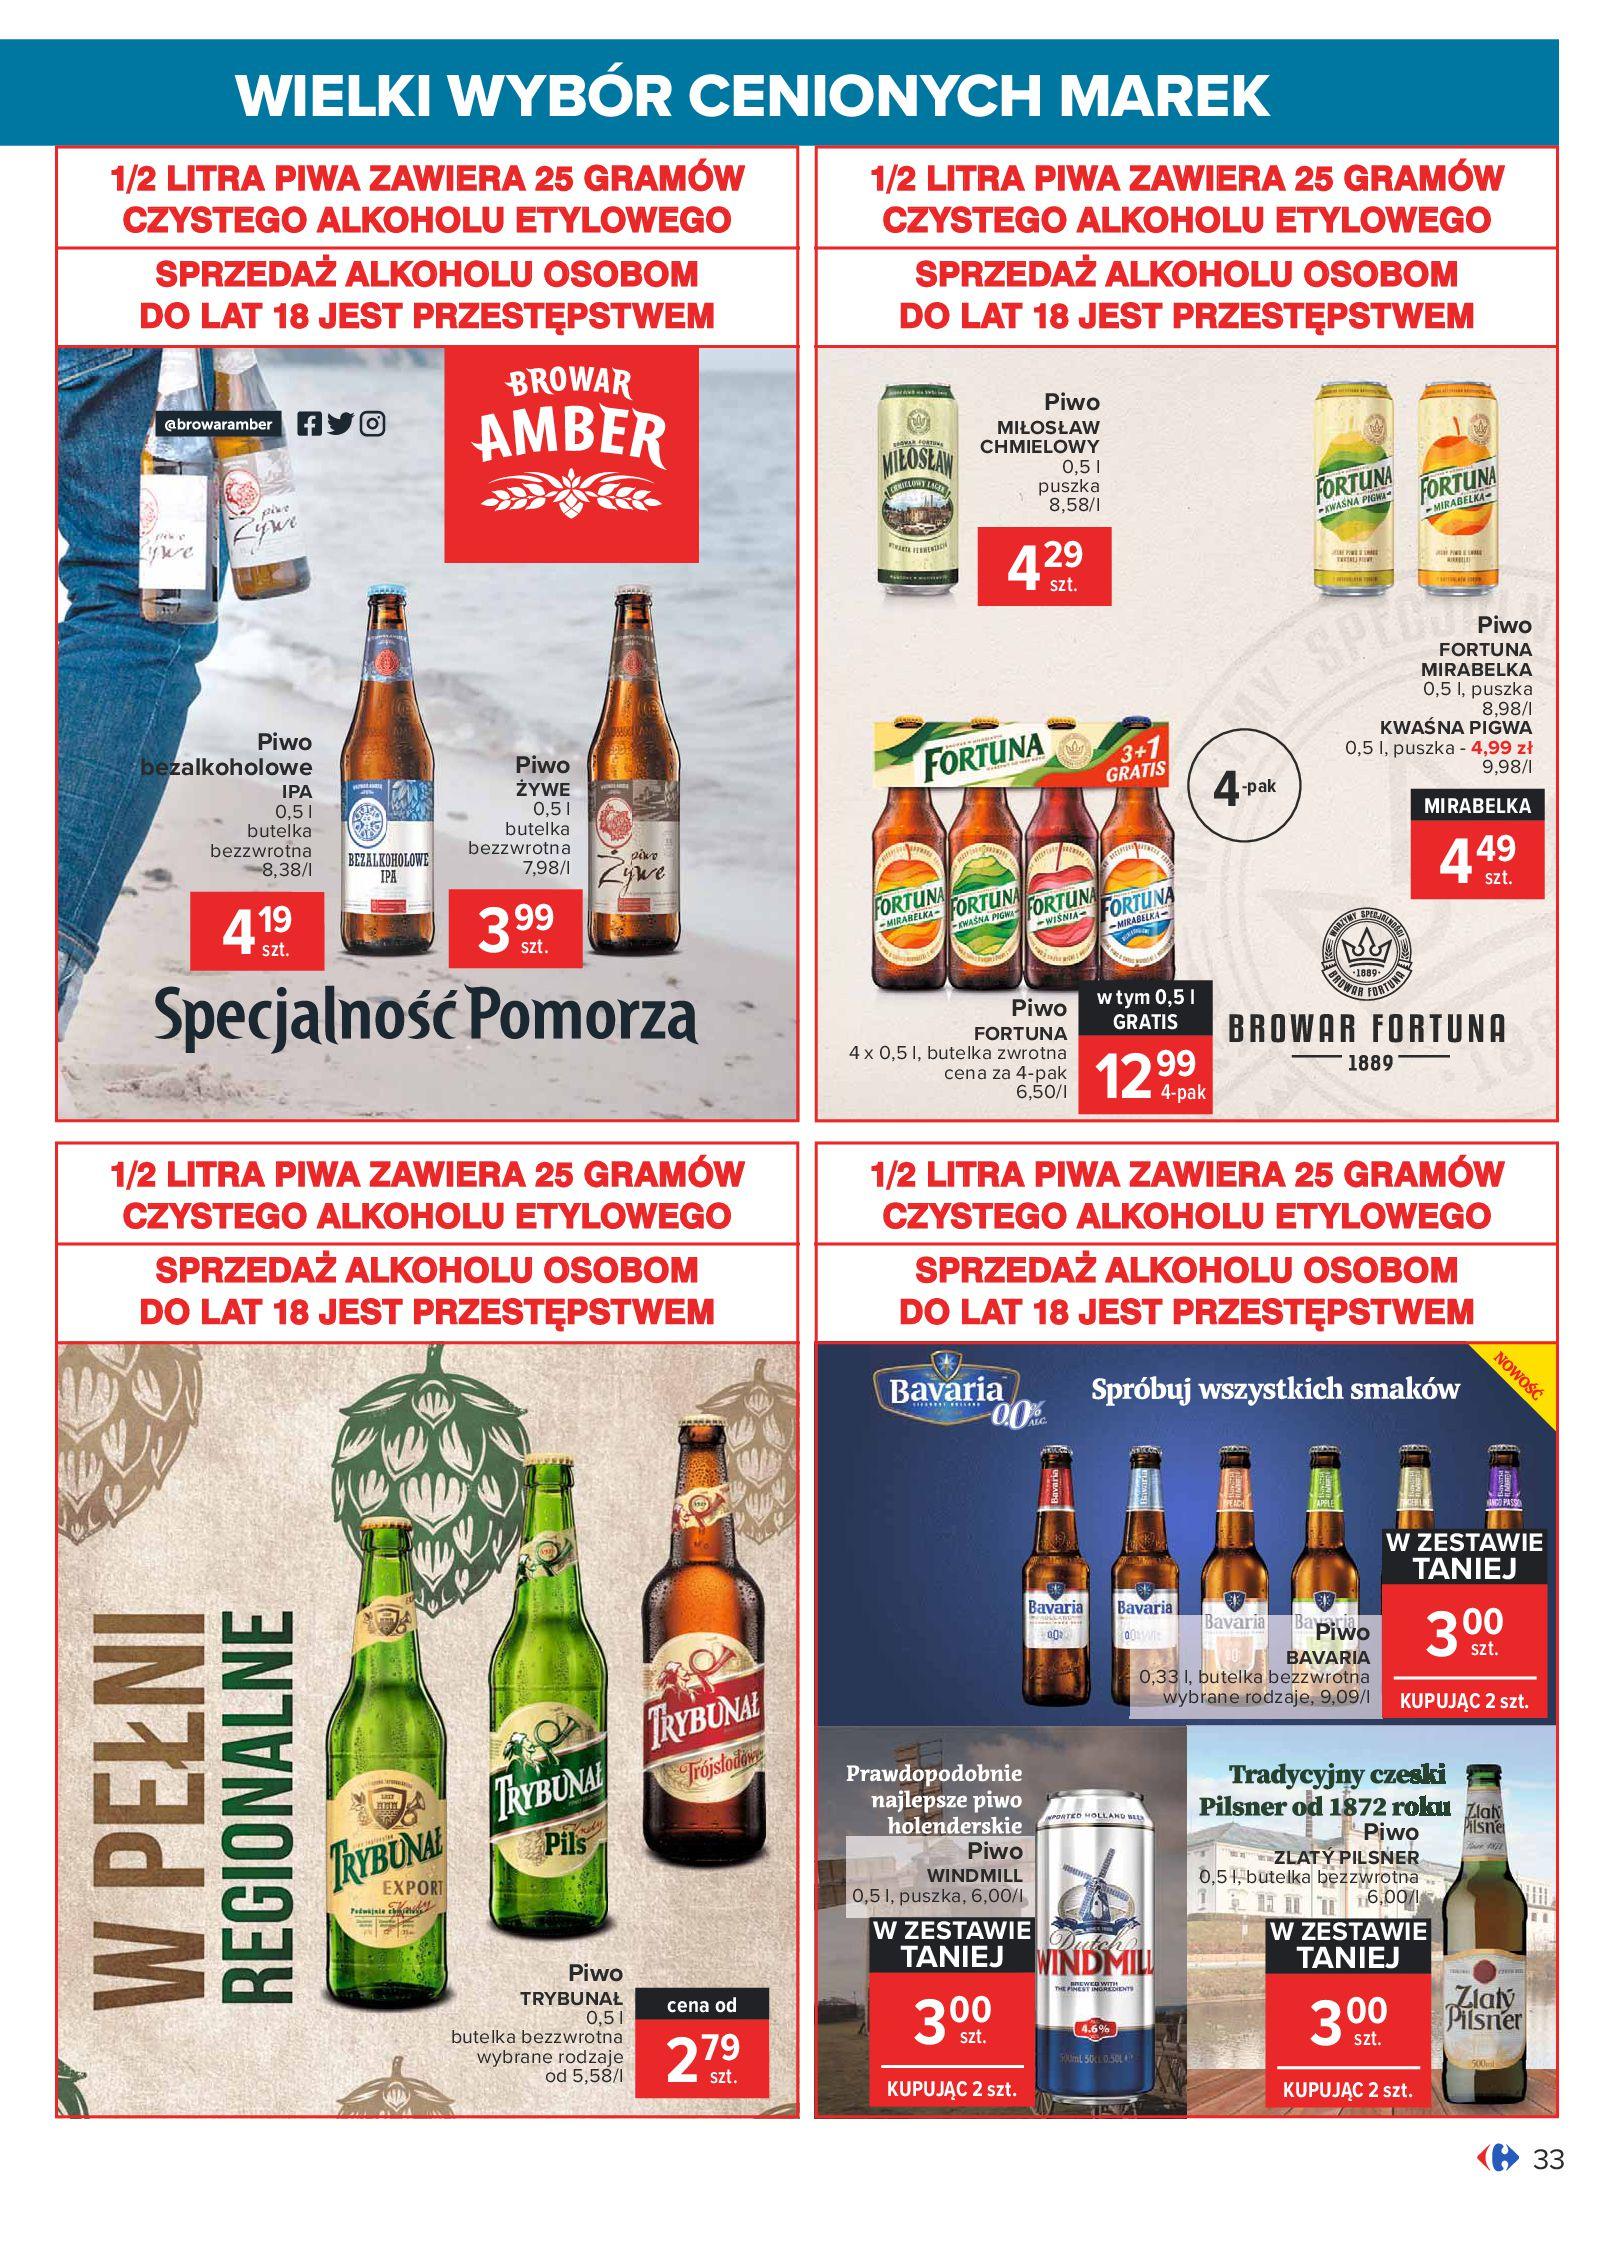 Gazetka Carrefour: Wielki wybór cenionych marek 2021-05-04 page-33